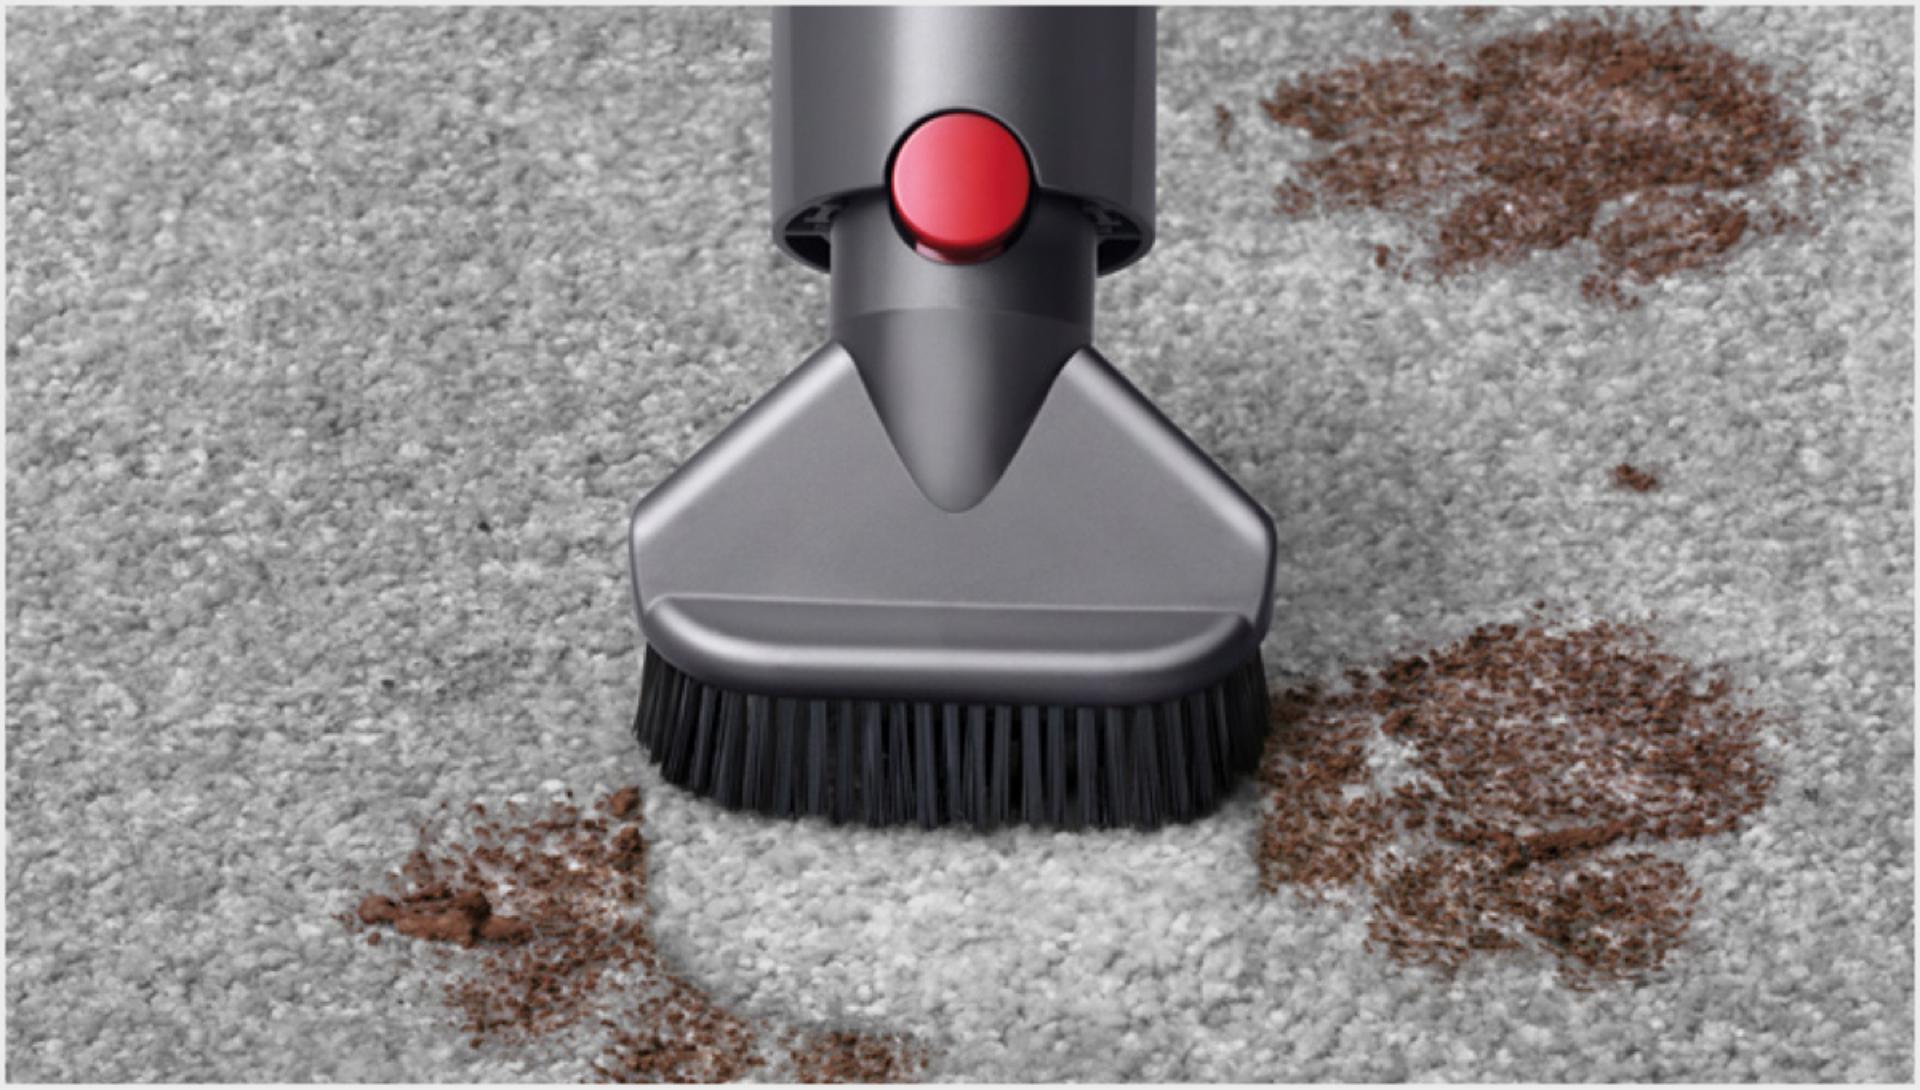 깊숙이 박힌 먼지를 청소하는 스터번 더트 브러쉬